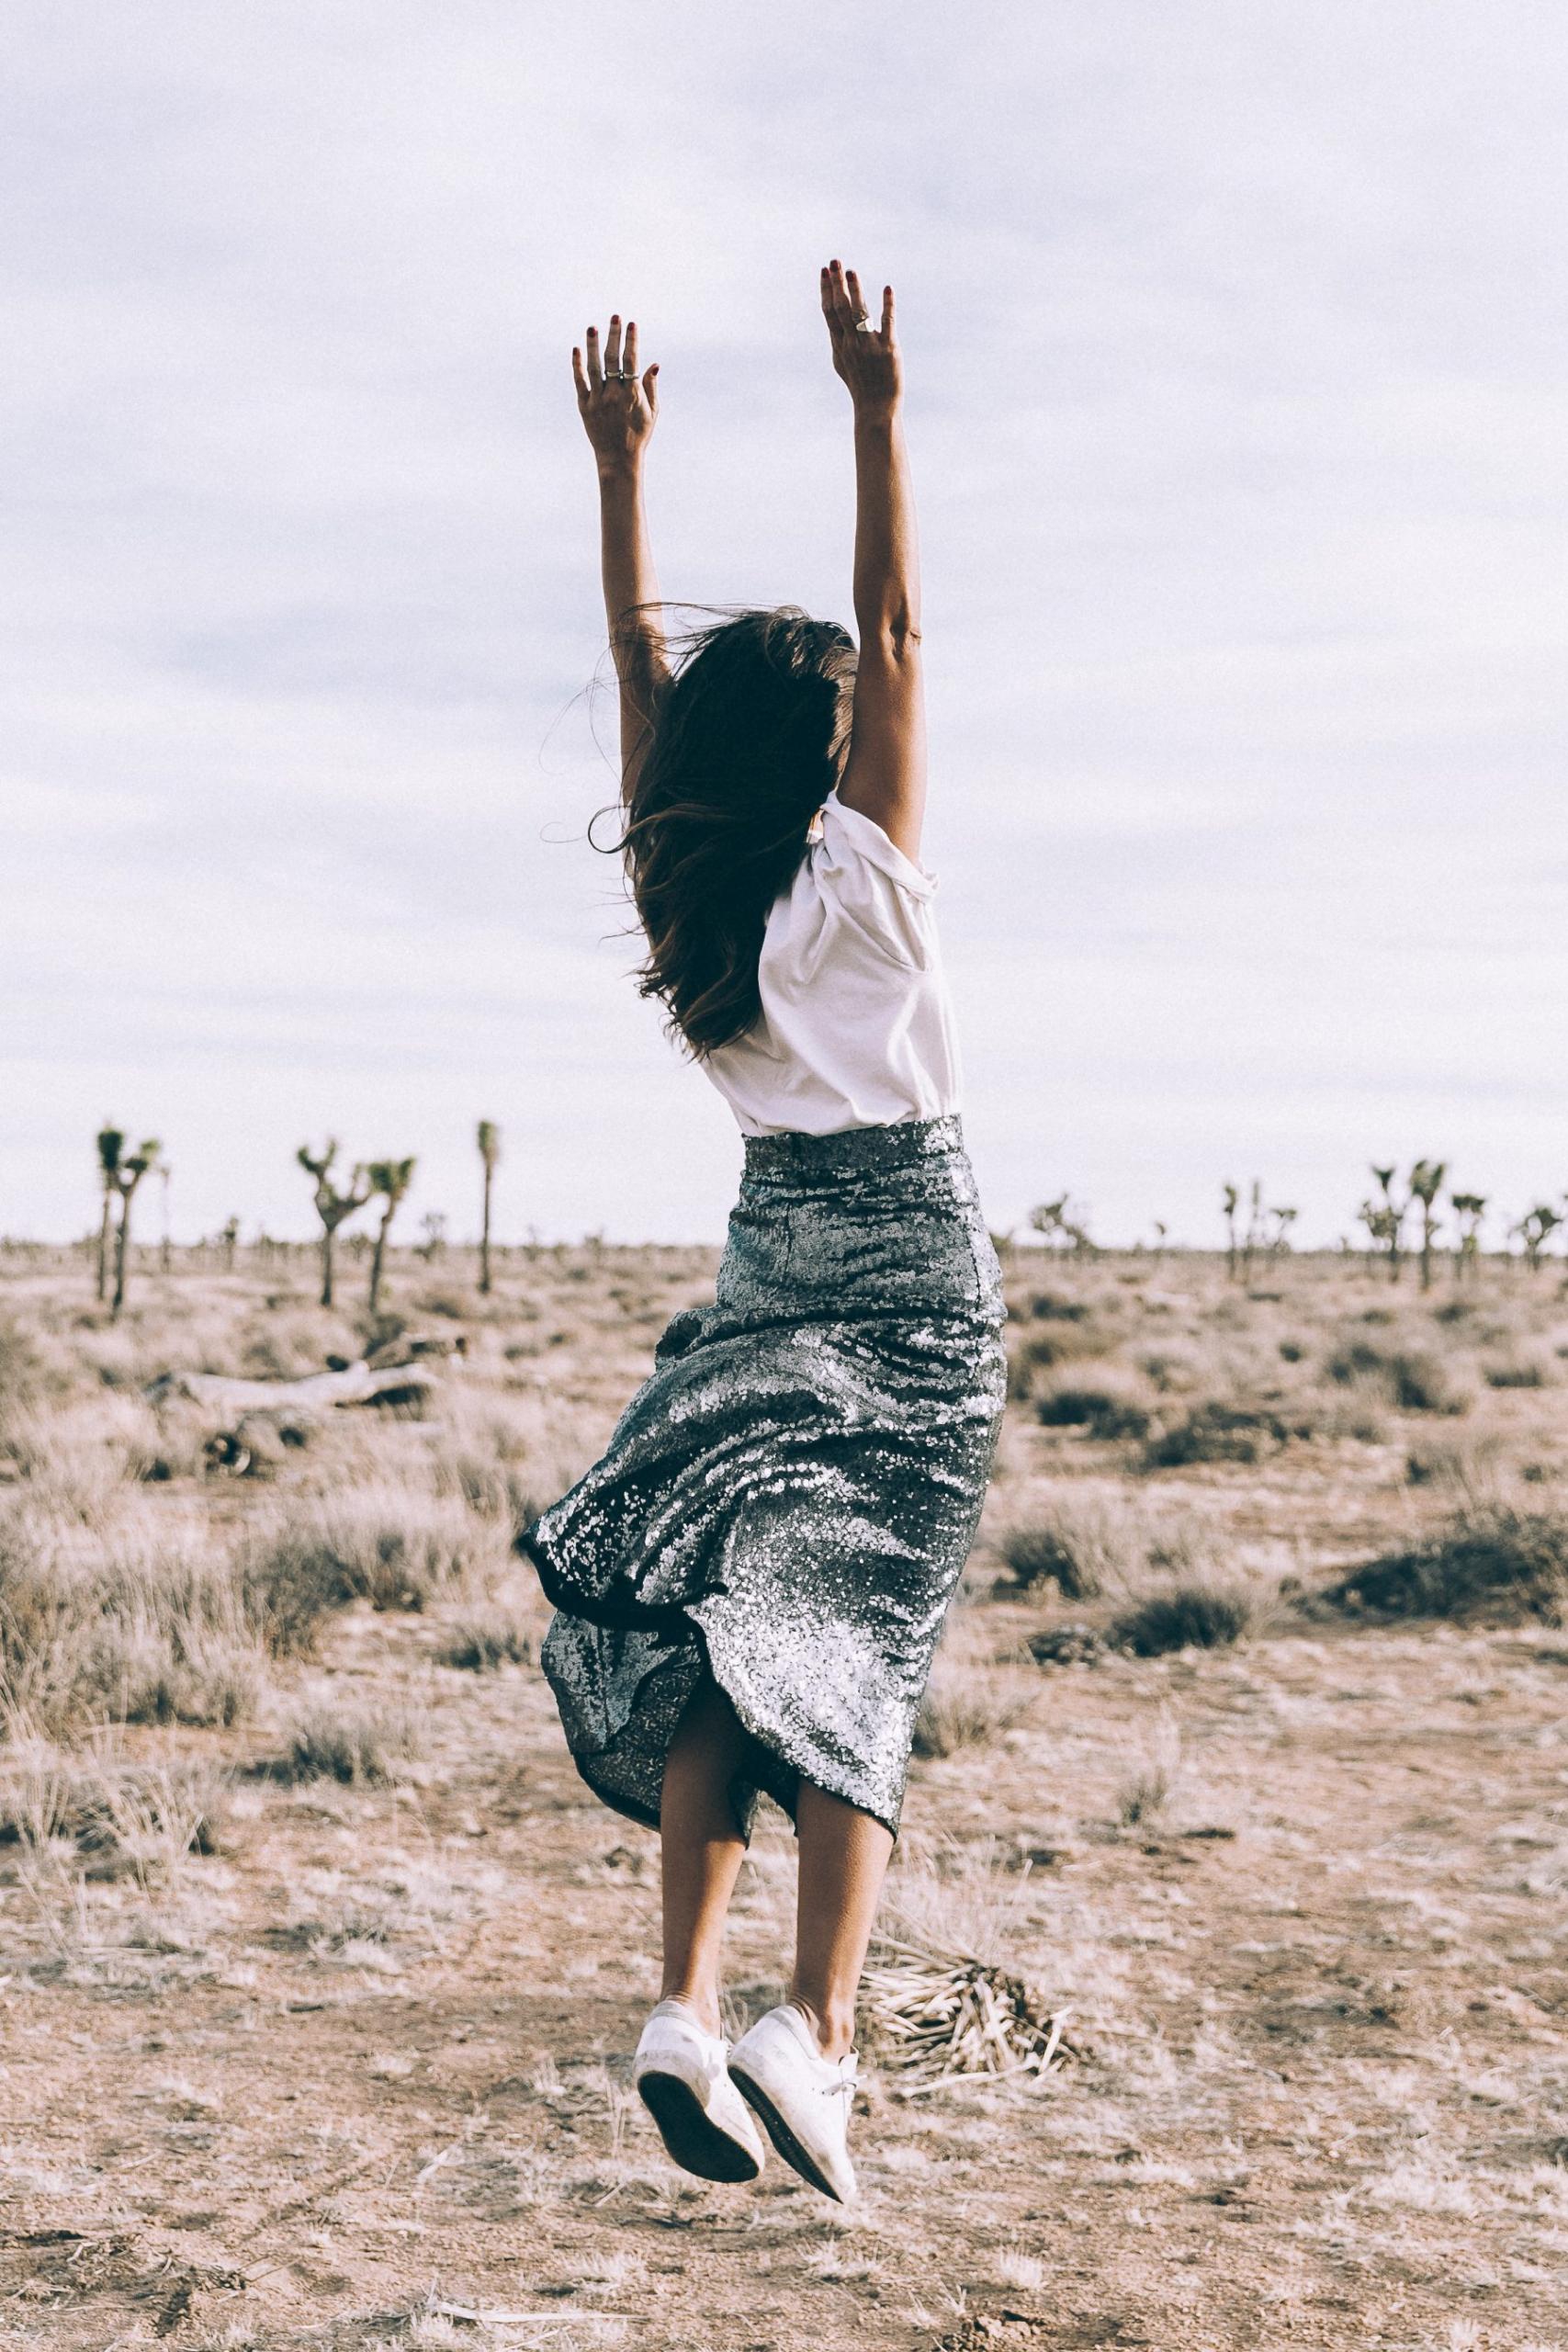 5 αλάνθαστοι τρόποι για να αλλάξετε διάθεση (στο λεπτό) Οι τελευταίες έρευνες δείχνουν πως οι γυναίκες και οι άντρες αυτή τη χρονιά επιθυμούν να βελτιώσουν την ψυχολογία τους και όχι το σώμα τους. Αυτά τα βήματα είναι σίγουρα μια καλή αρχή.